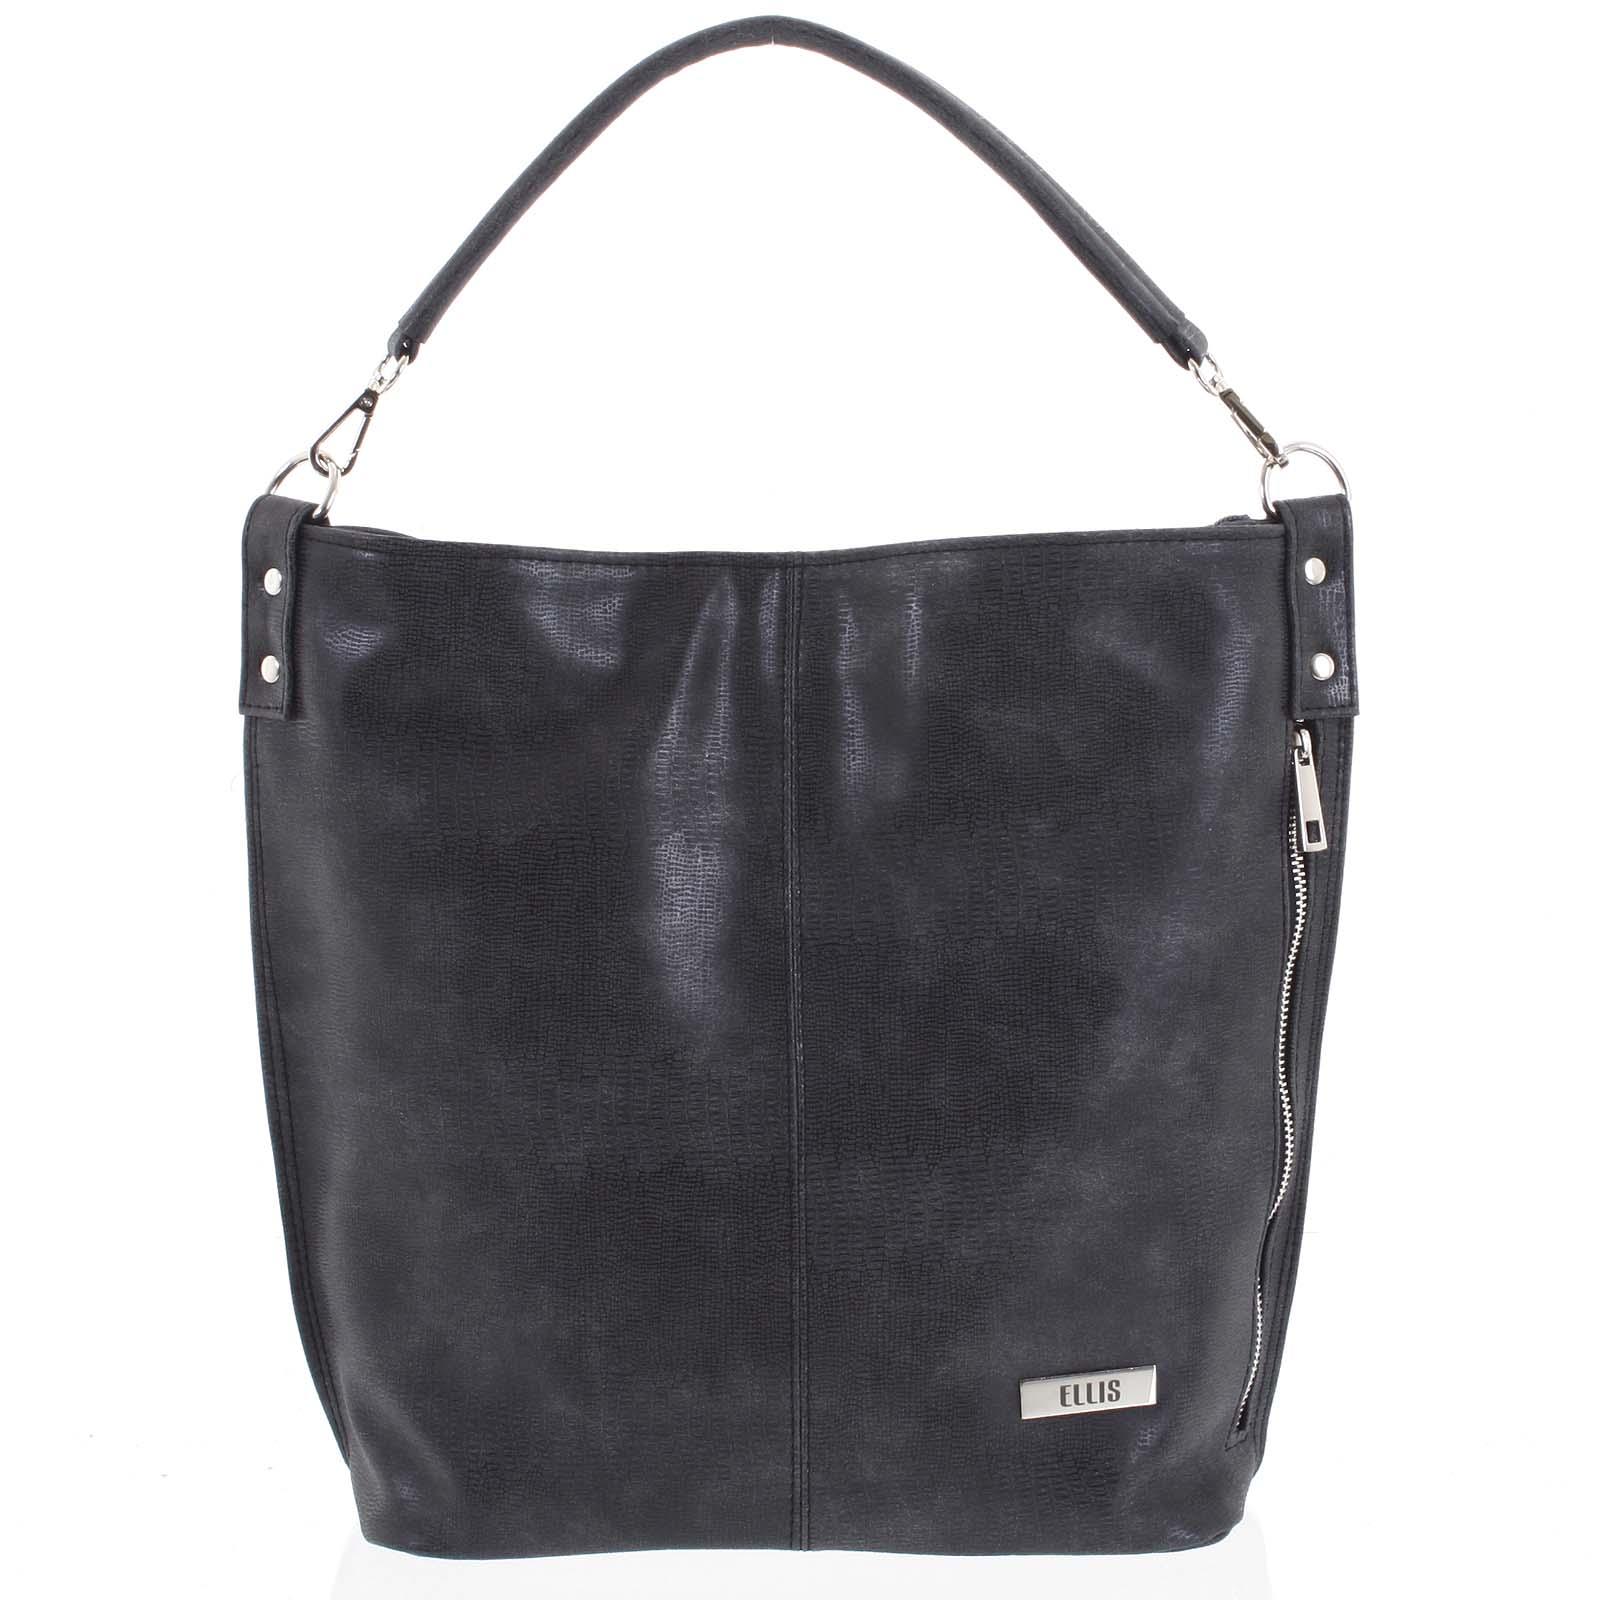 Elegantní dámská kabelka přes rameno tmavě šedá se vzorem - Ellis Negina